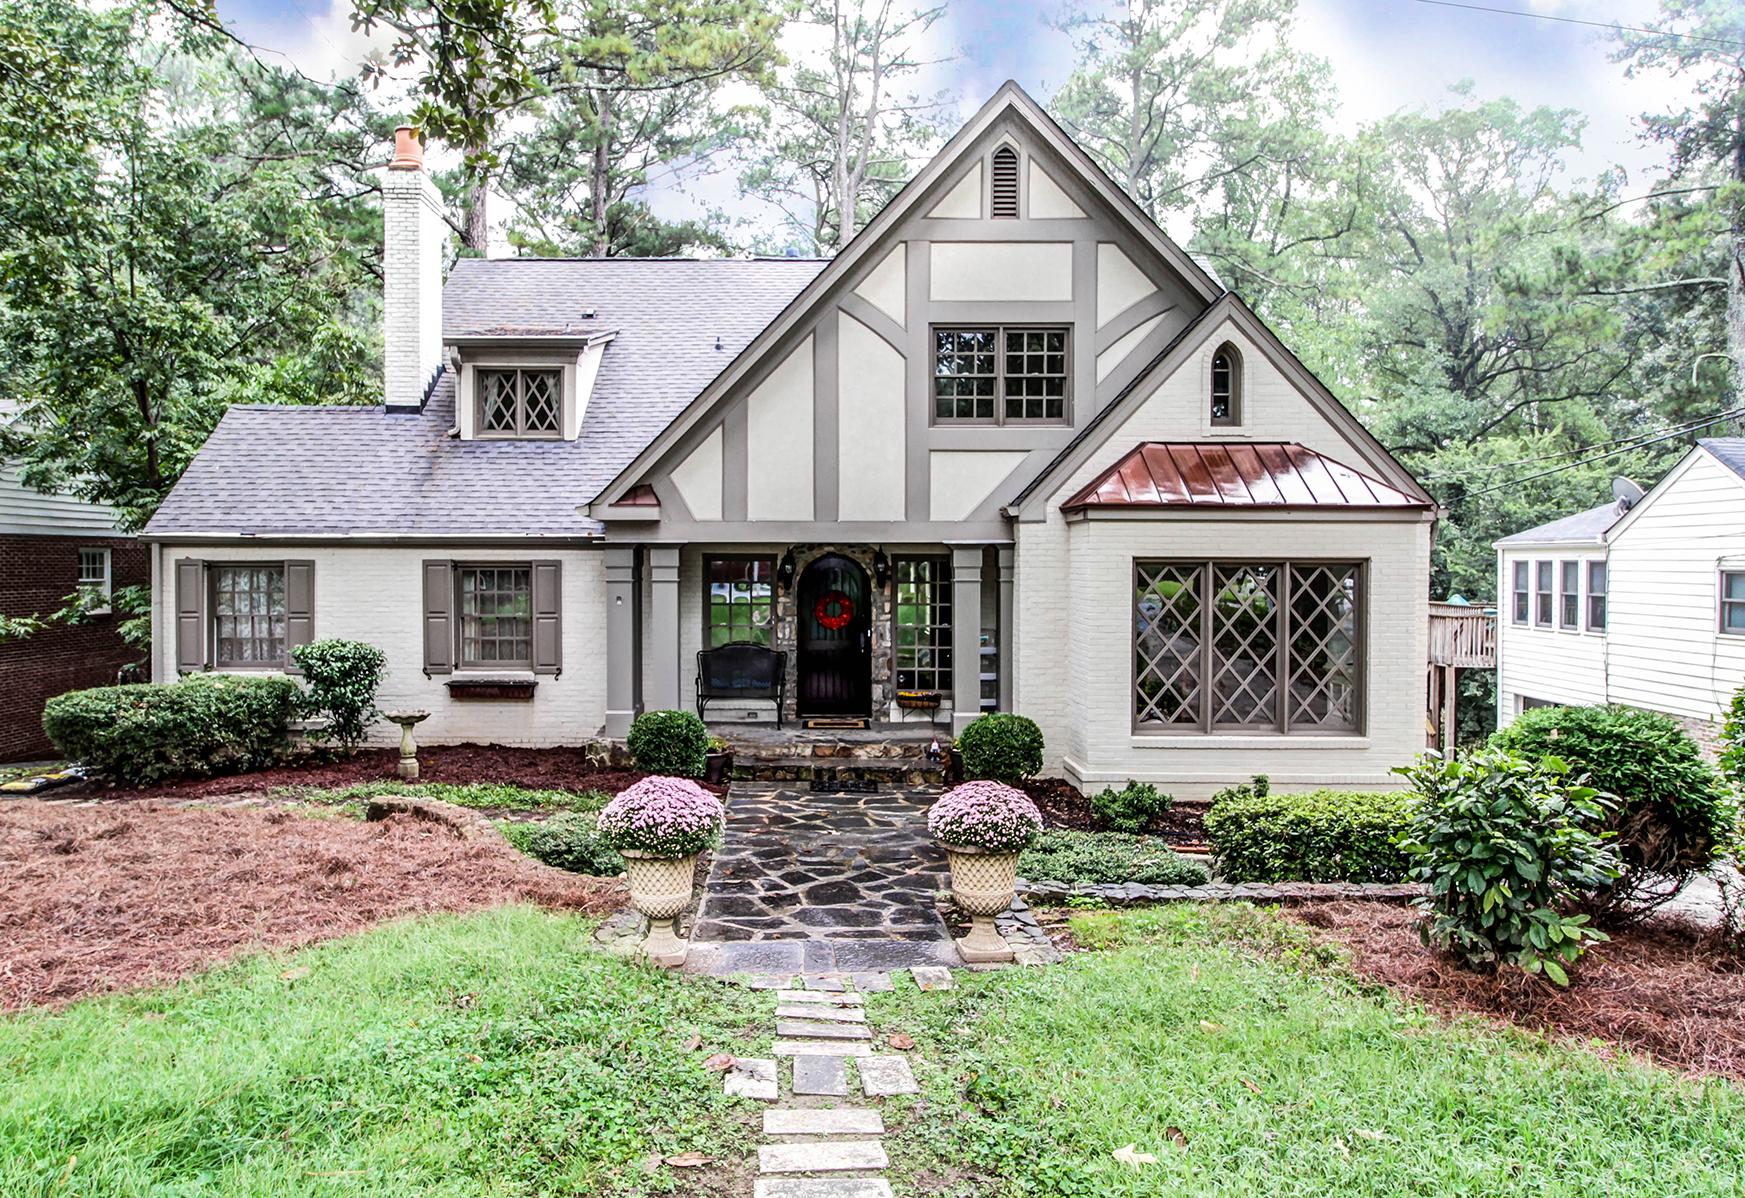 一戸建て のために 売買 アット Gorgeous Peachtree Park Tudor 2977 Dale Drive NE Peachtree Park, Atlanta, ジョージア, 30305 アメリカ合衆国